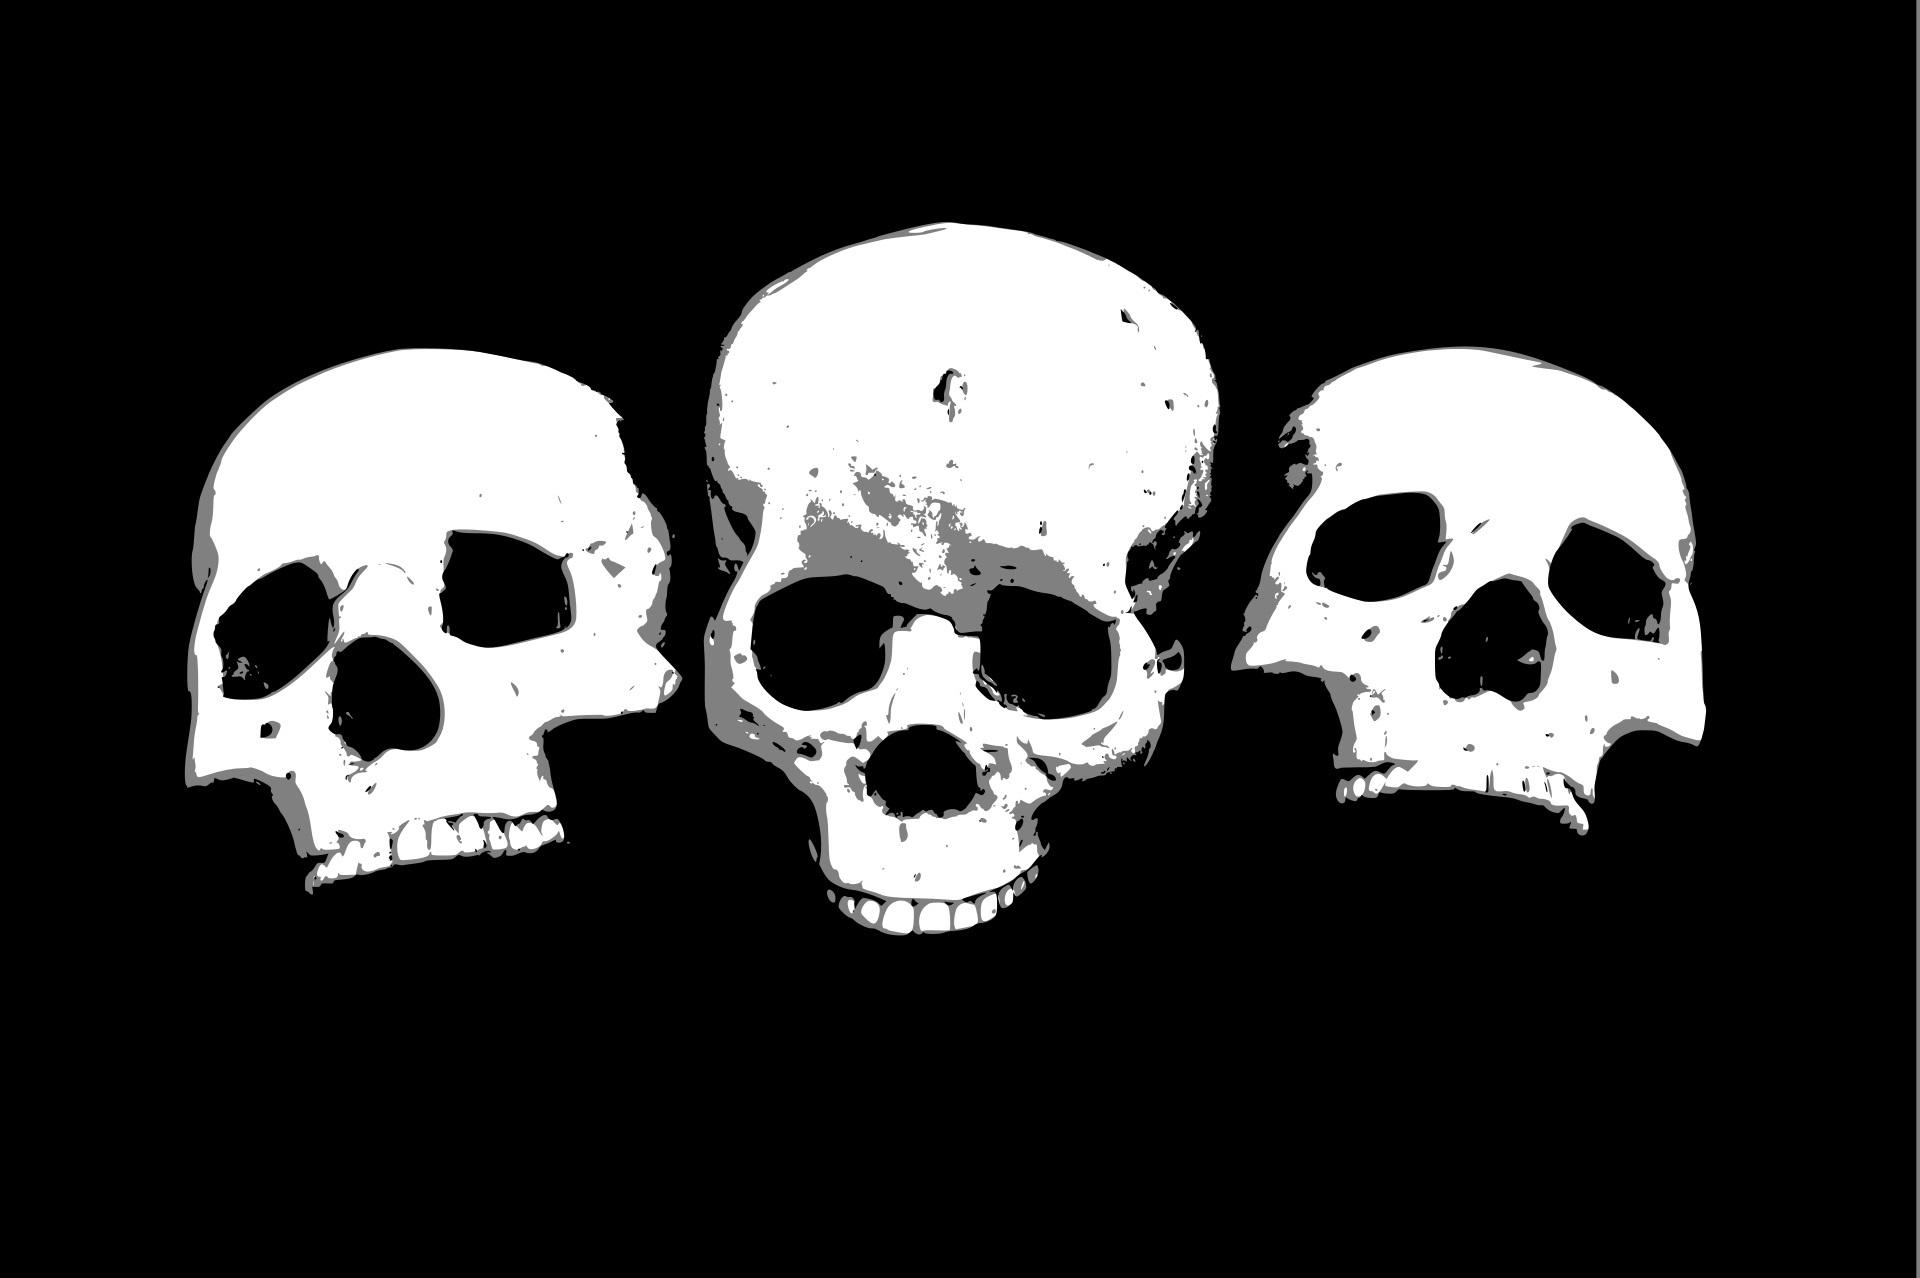 Amerikanischer Kühlschrank Wiki : Knochenwald: vater mutter kind deutsches creepypasta wiki